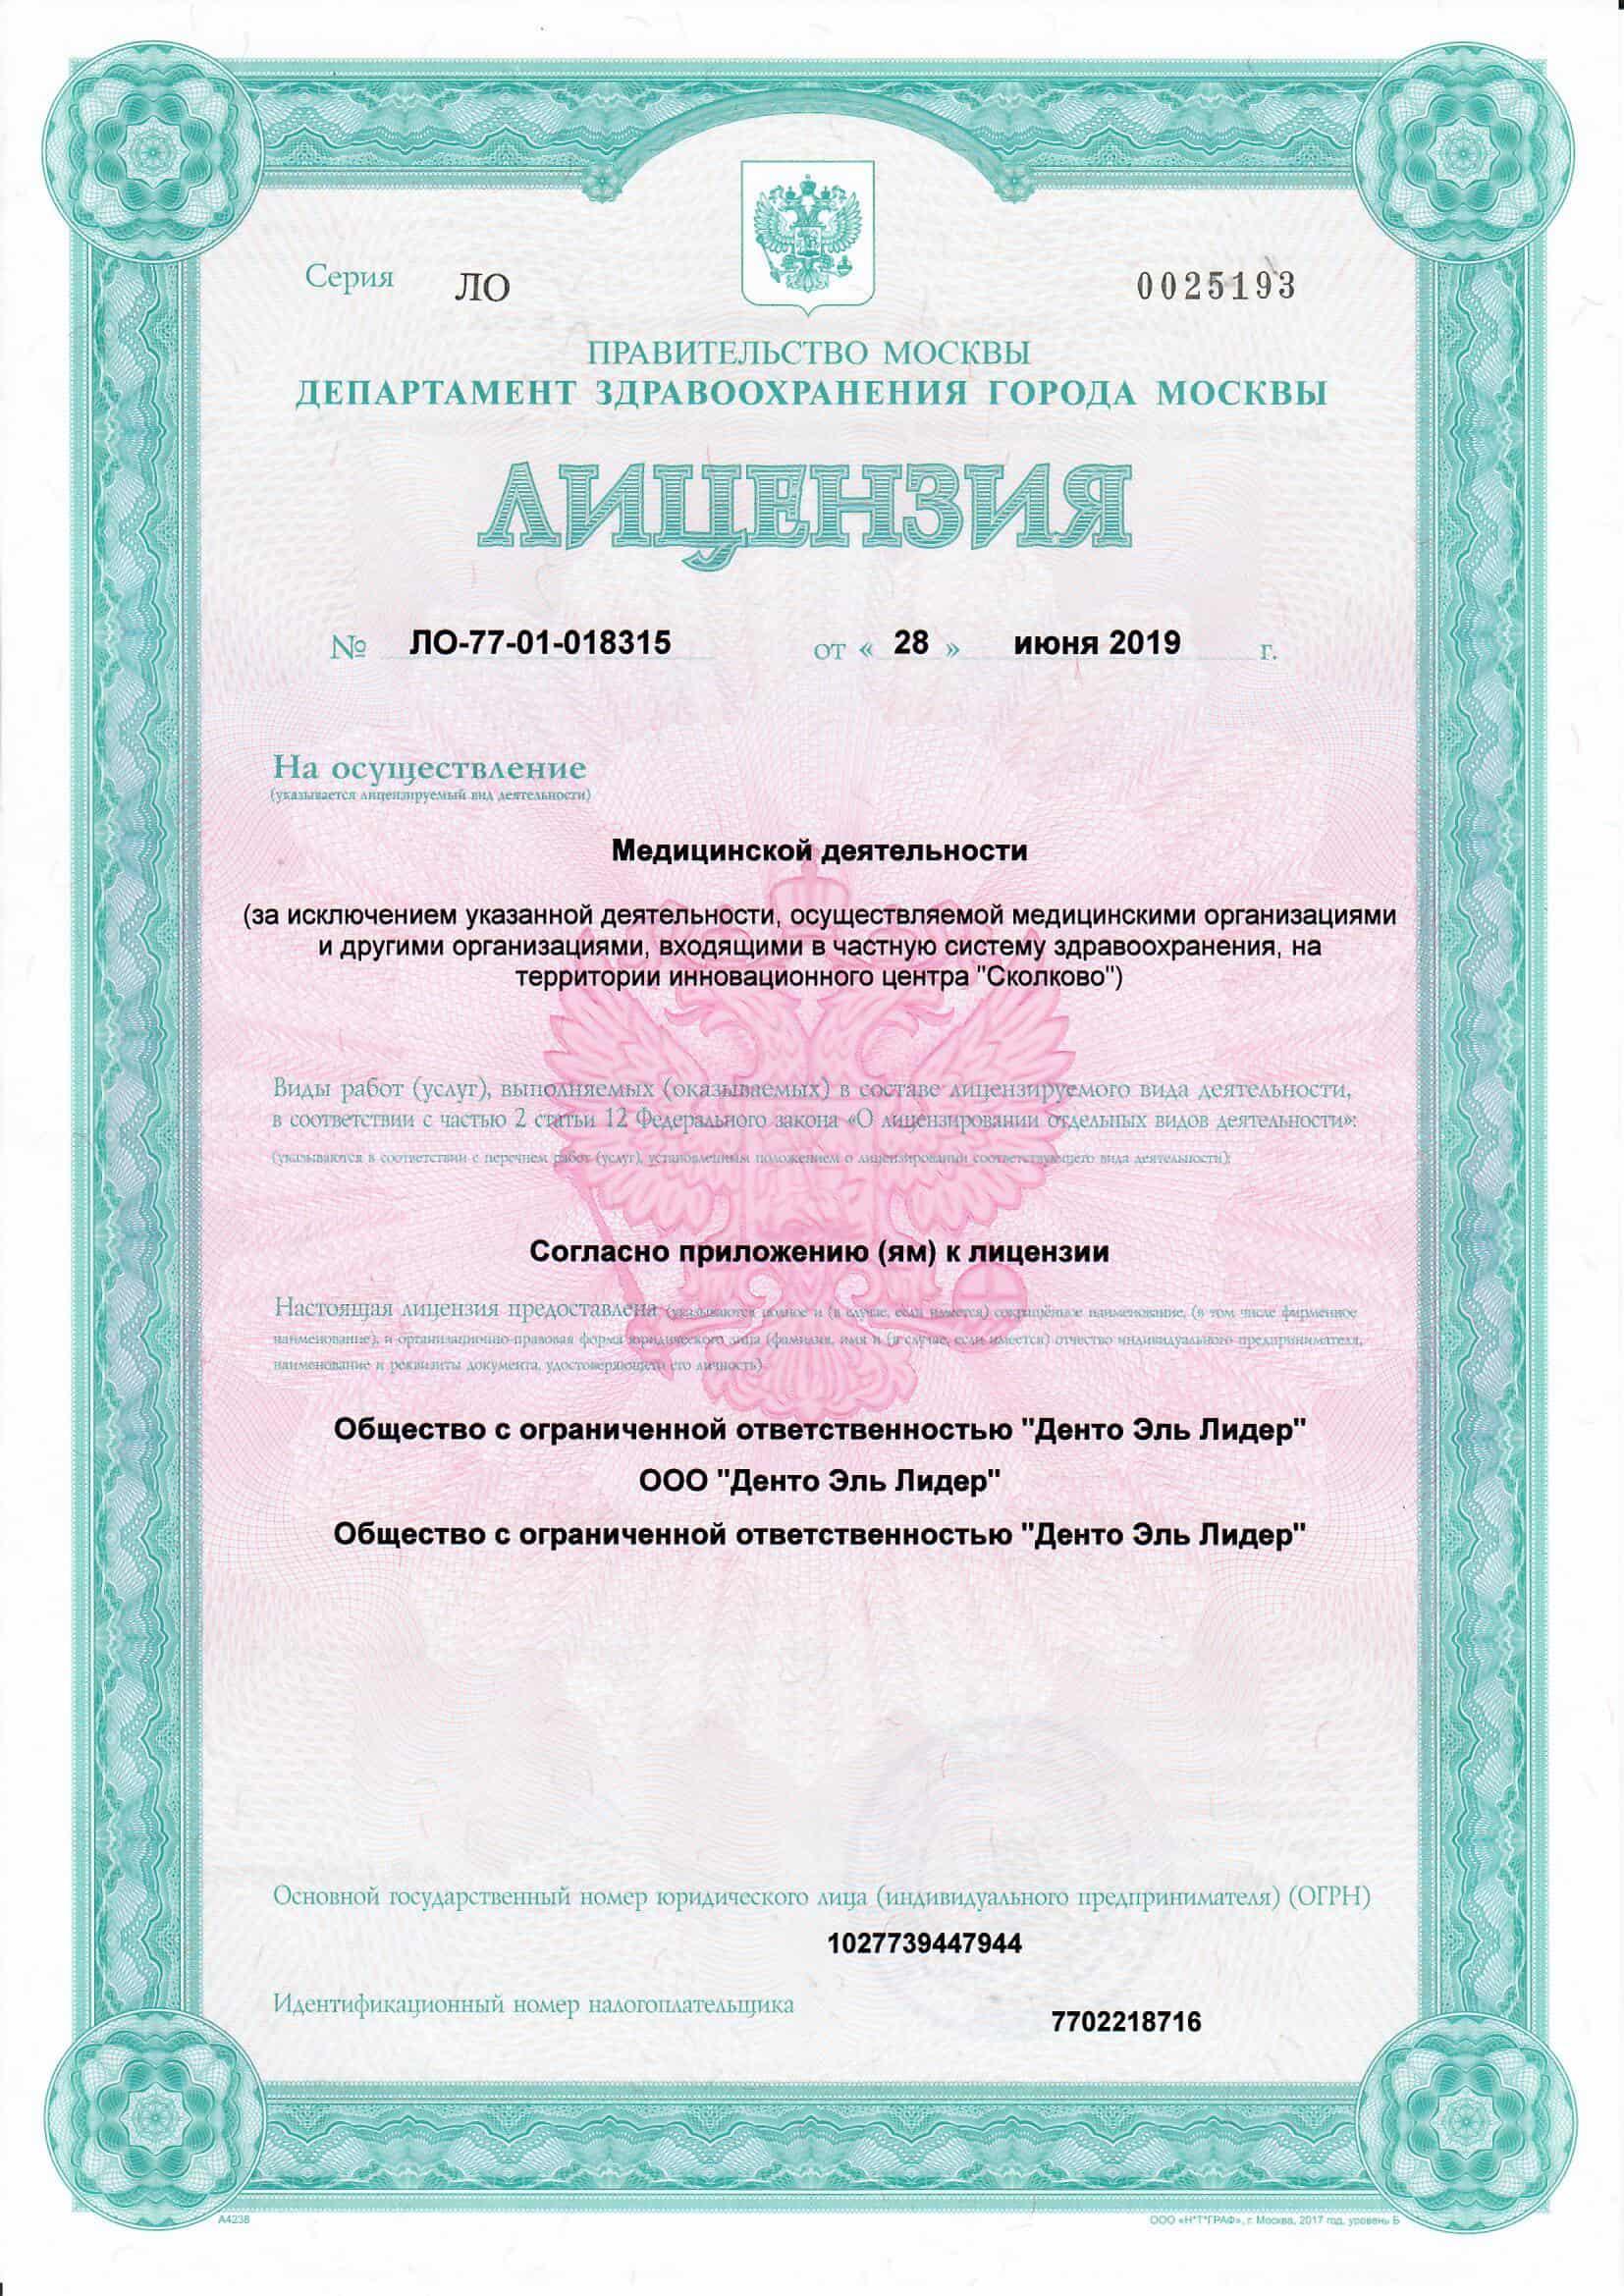 Лицензия № ЛО-77-01-018315 Марьино 1 лист